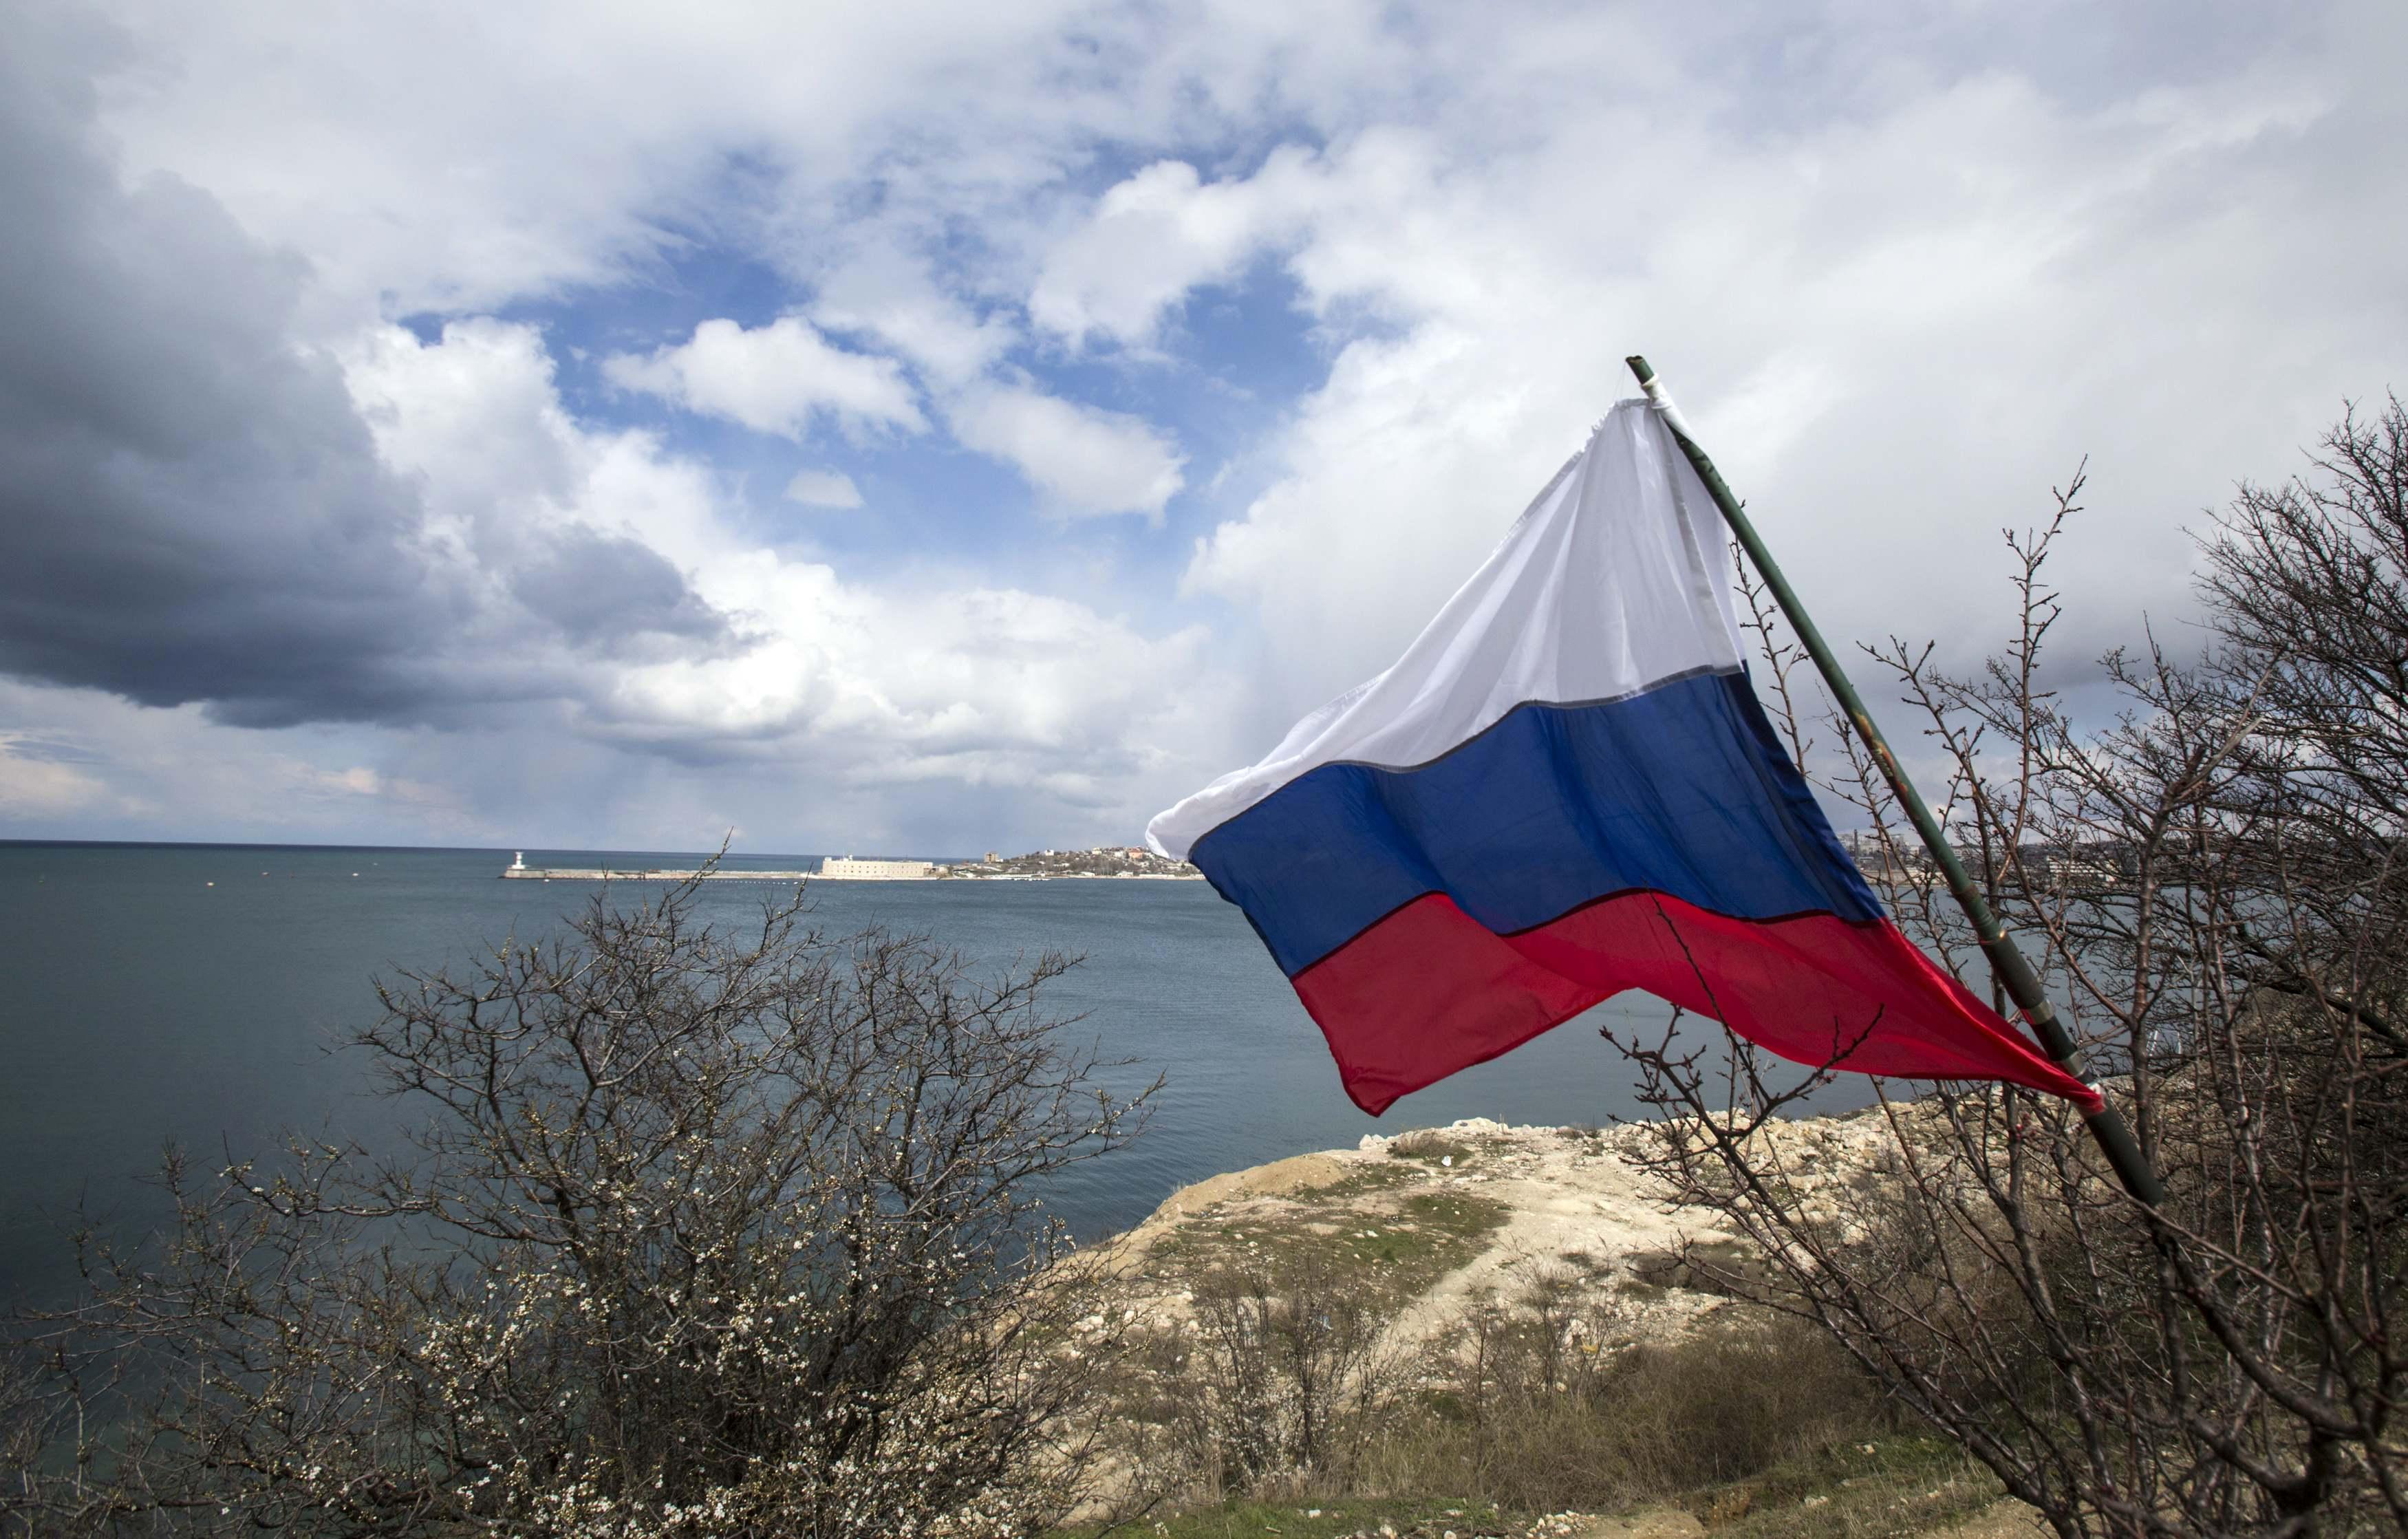 Россия вряд ли распадется в обозримом будущем, считает журналист